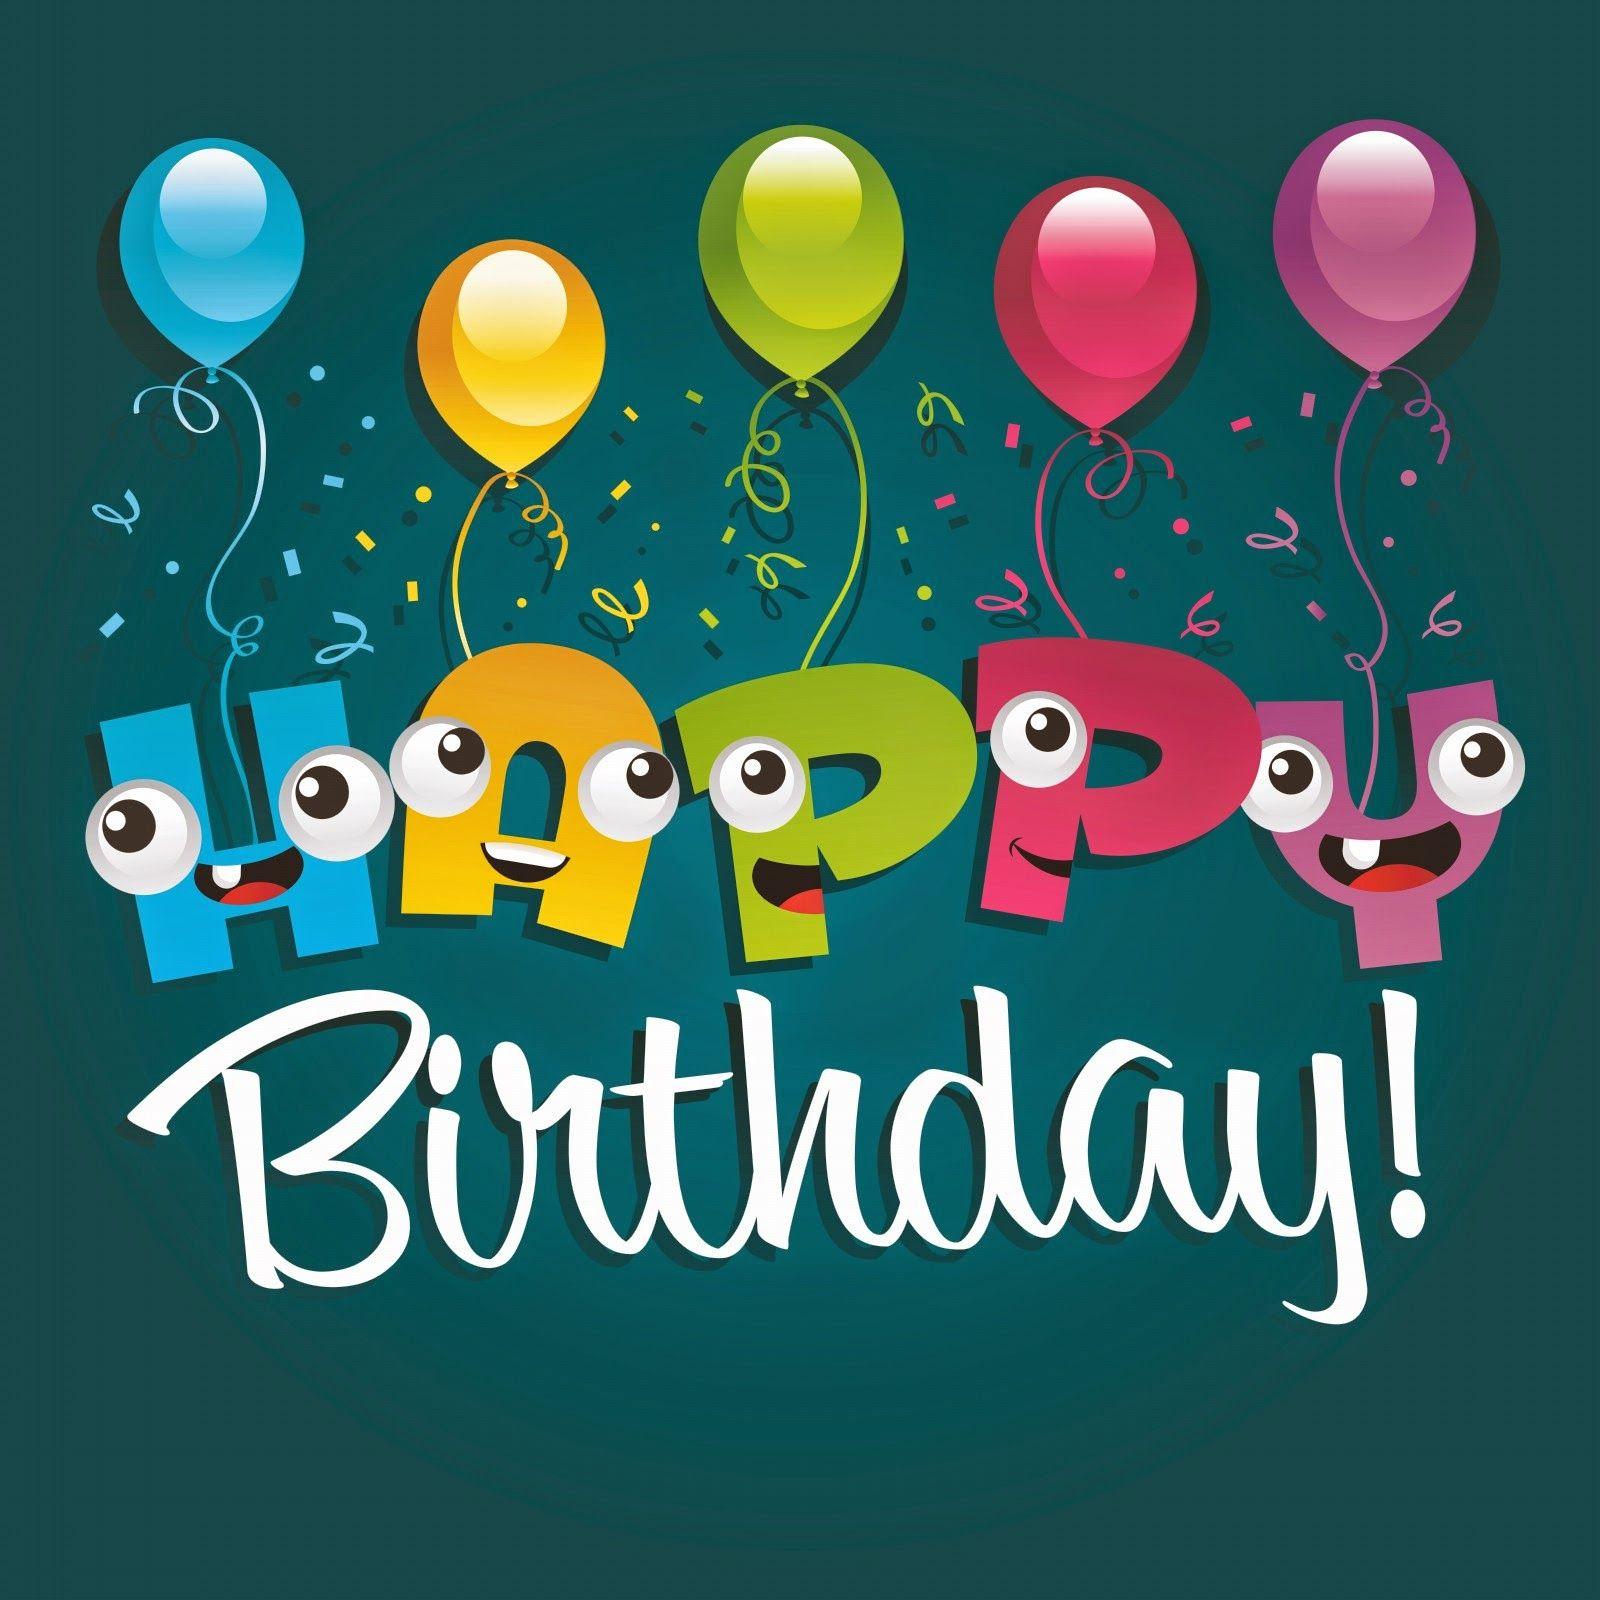 Geburtstage, Kostenlos E Cards Geburtstag, Geburtstag Cliparts,  Geburtstagskarte Design, Alles Gute Zum Geburtstag Bilder, Alles Gute Zum Geburtstag  Sms, ...